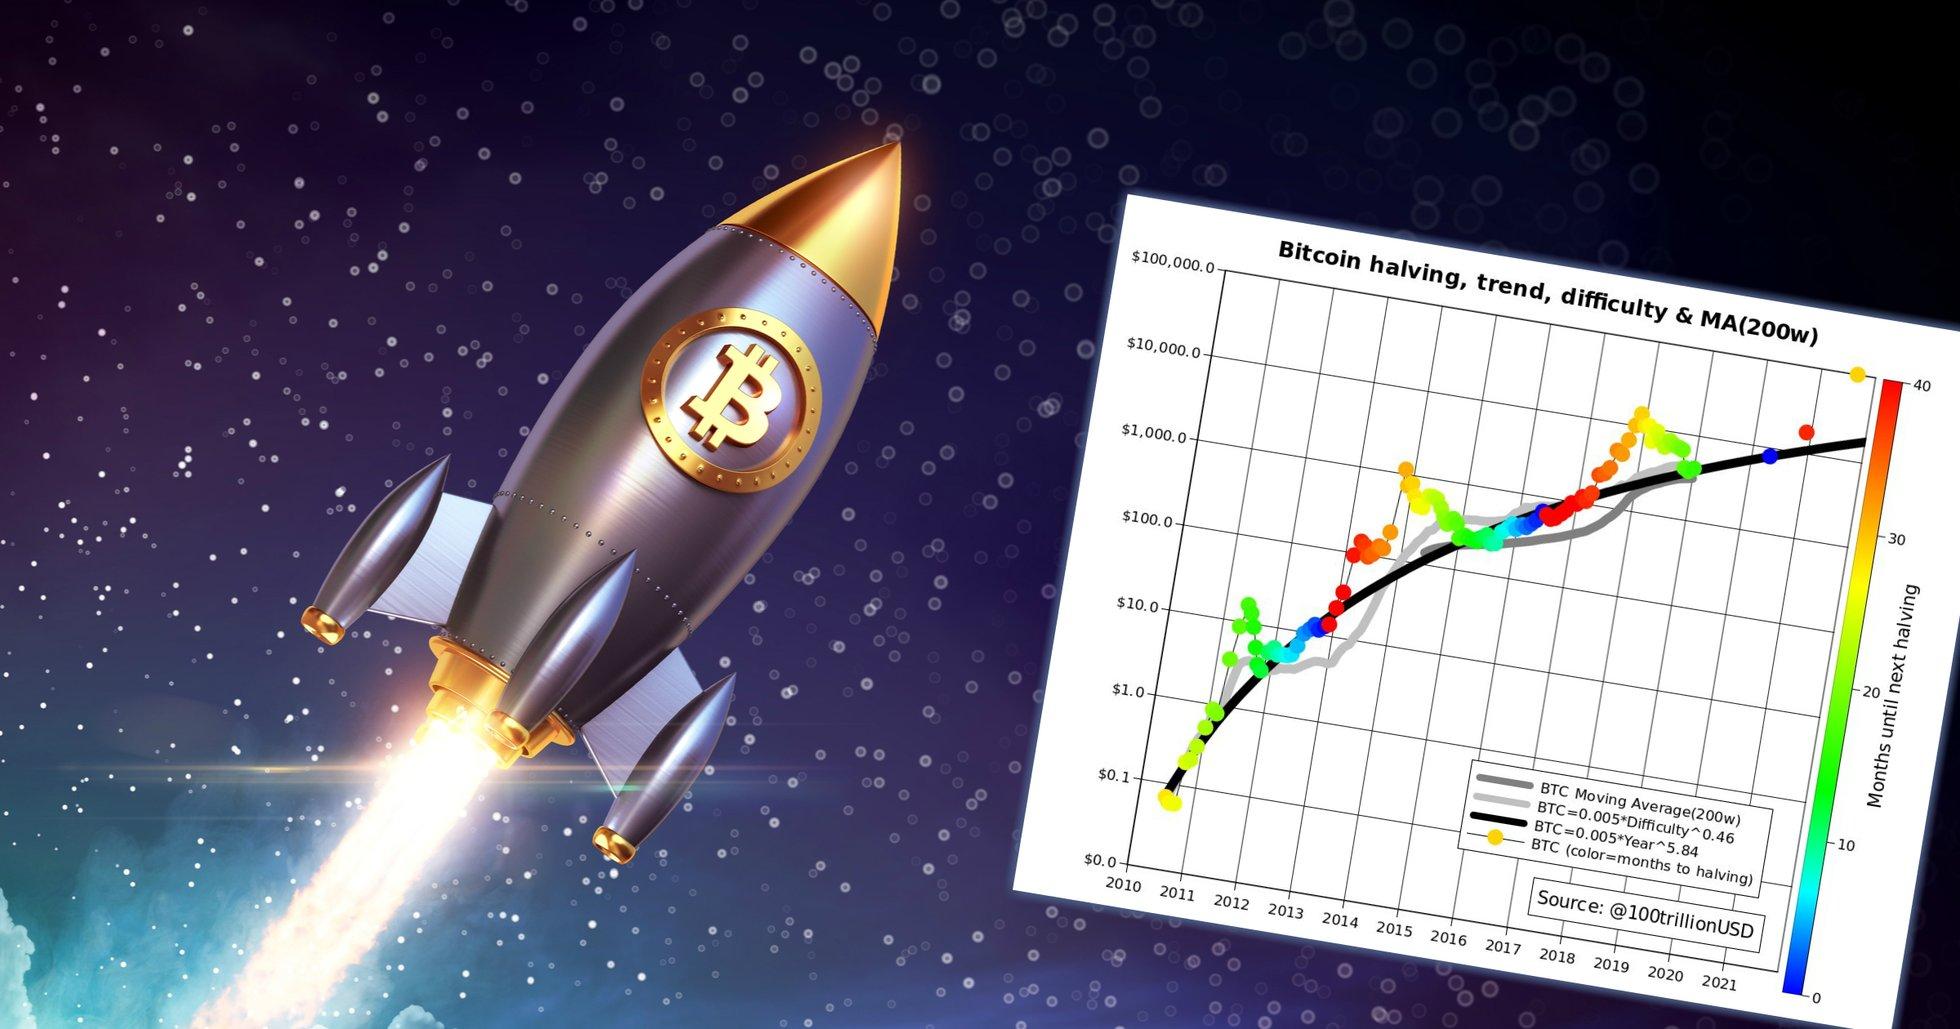 Analytiker: Bitcoinpriset kan nå 100 000 dollar redan i slutet av 2021.